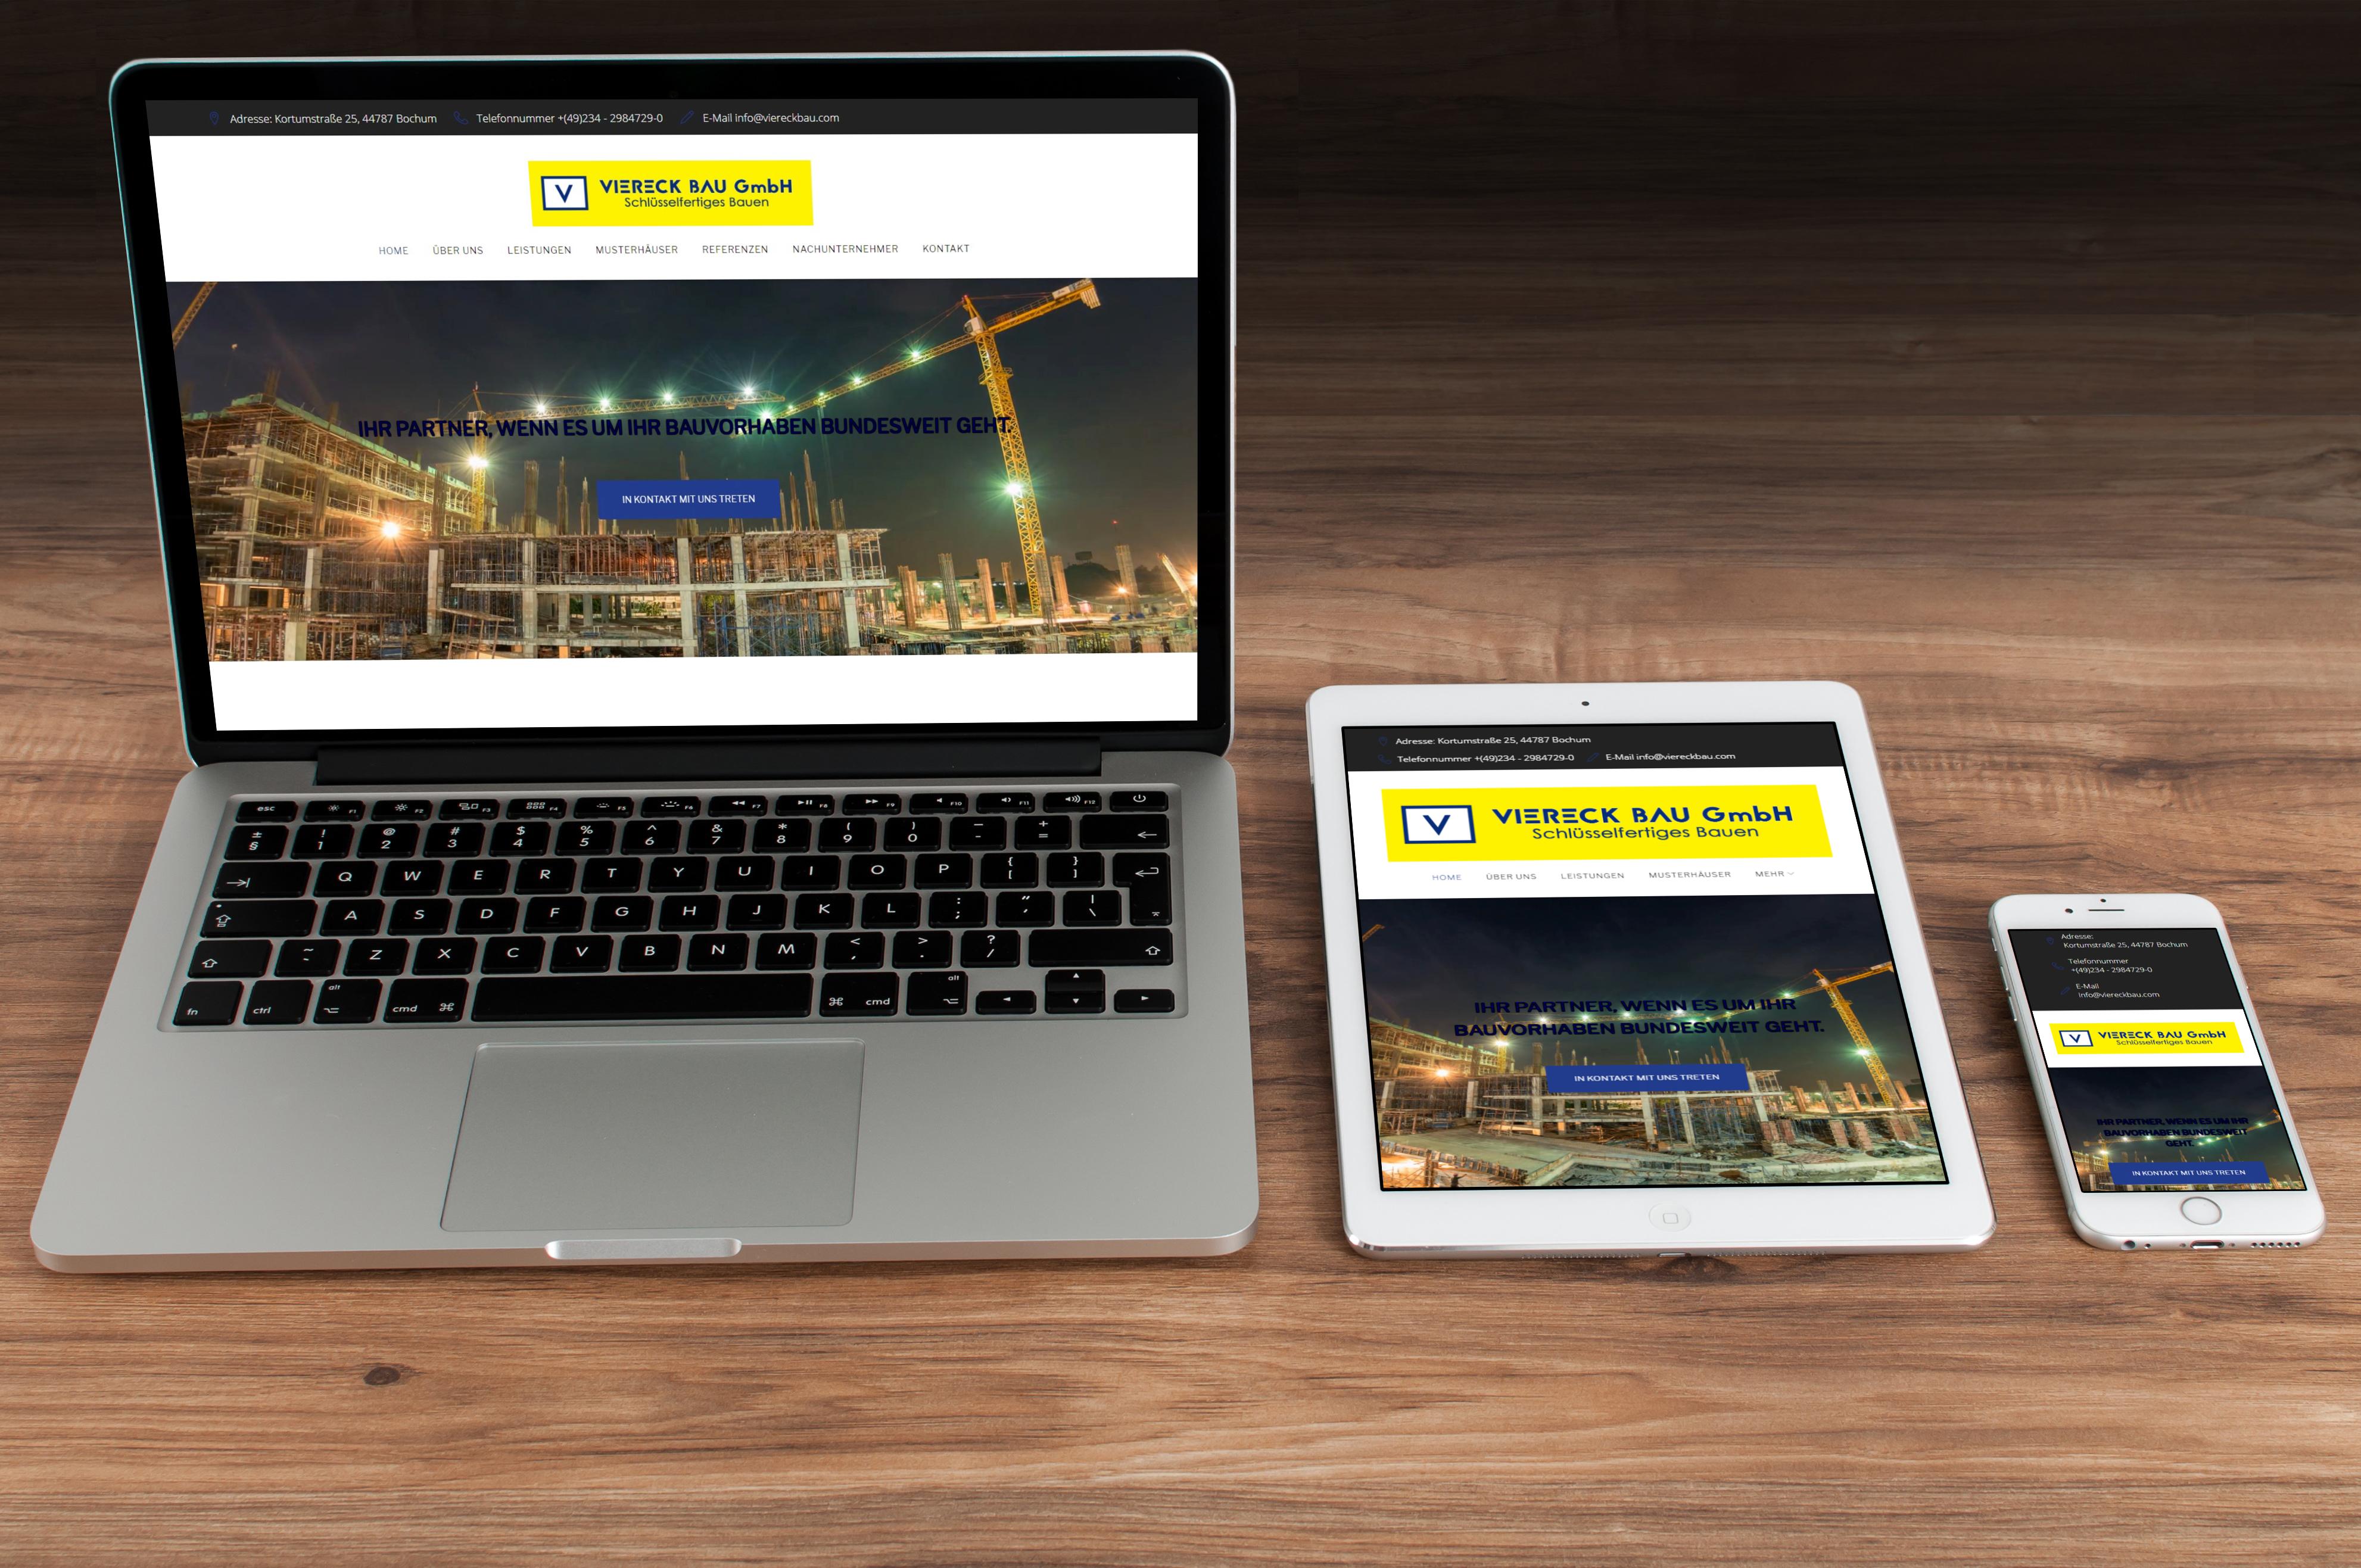 Abgebildet ist ein Screenshot der Referenz-Webseite Viereck Bau